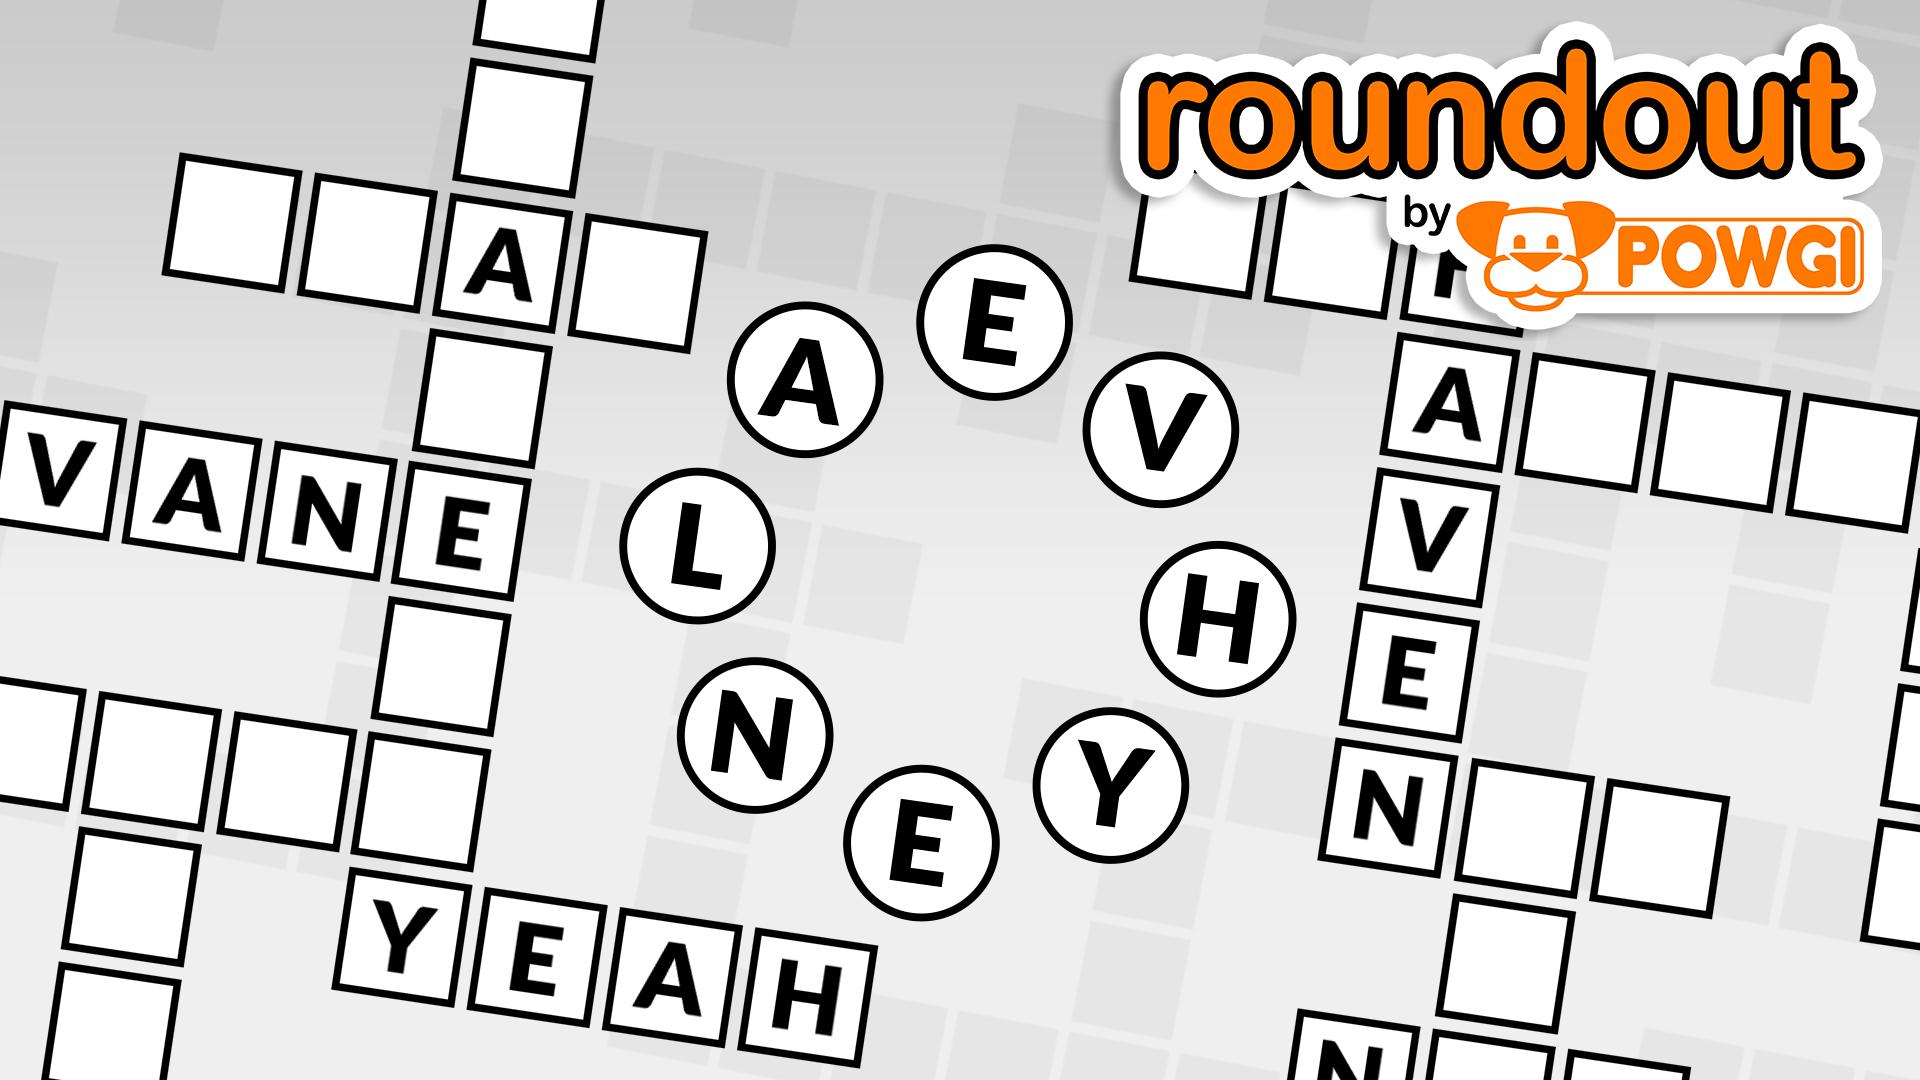 Roundout1